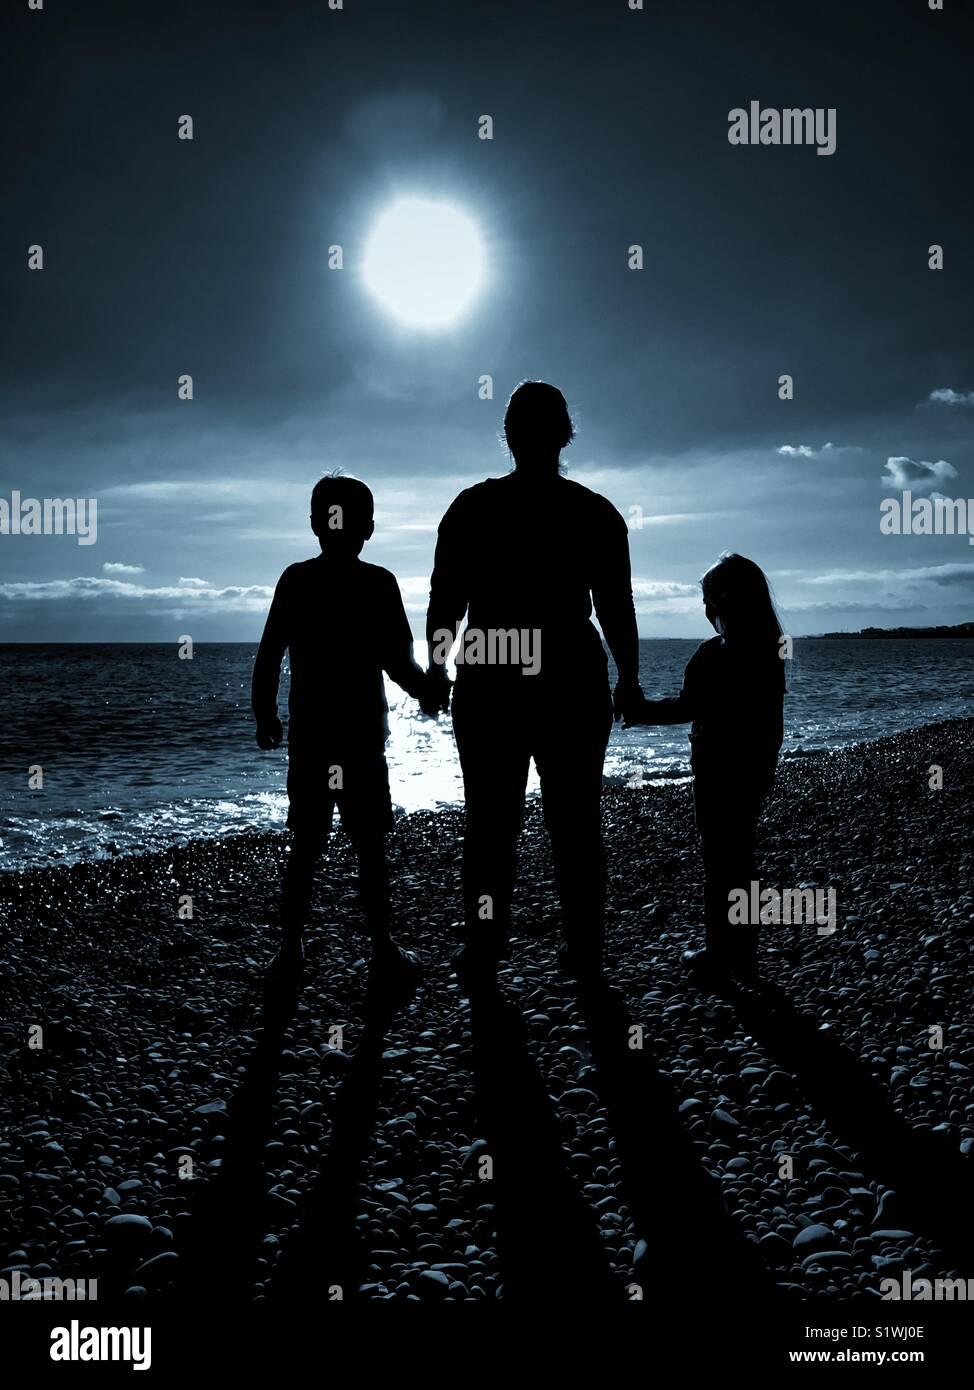 Las siluetas de 3 personas - una madre sostiene a las manos de sus 2 hijos como todos miran hacia una luz brillante. Imagen De Stock